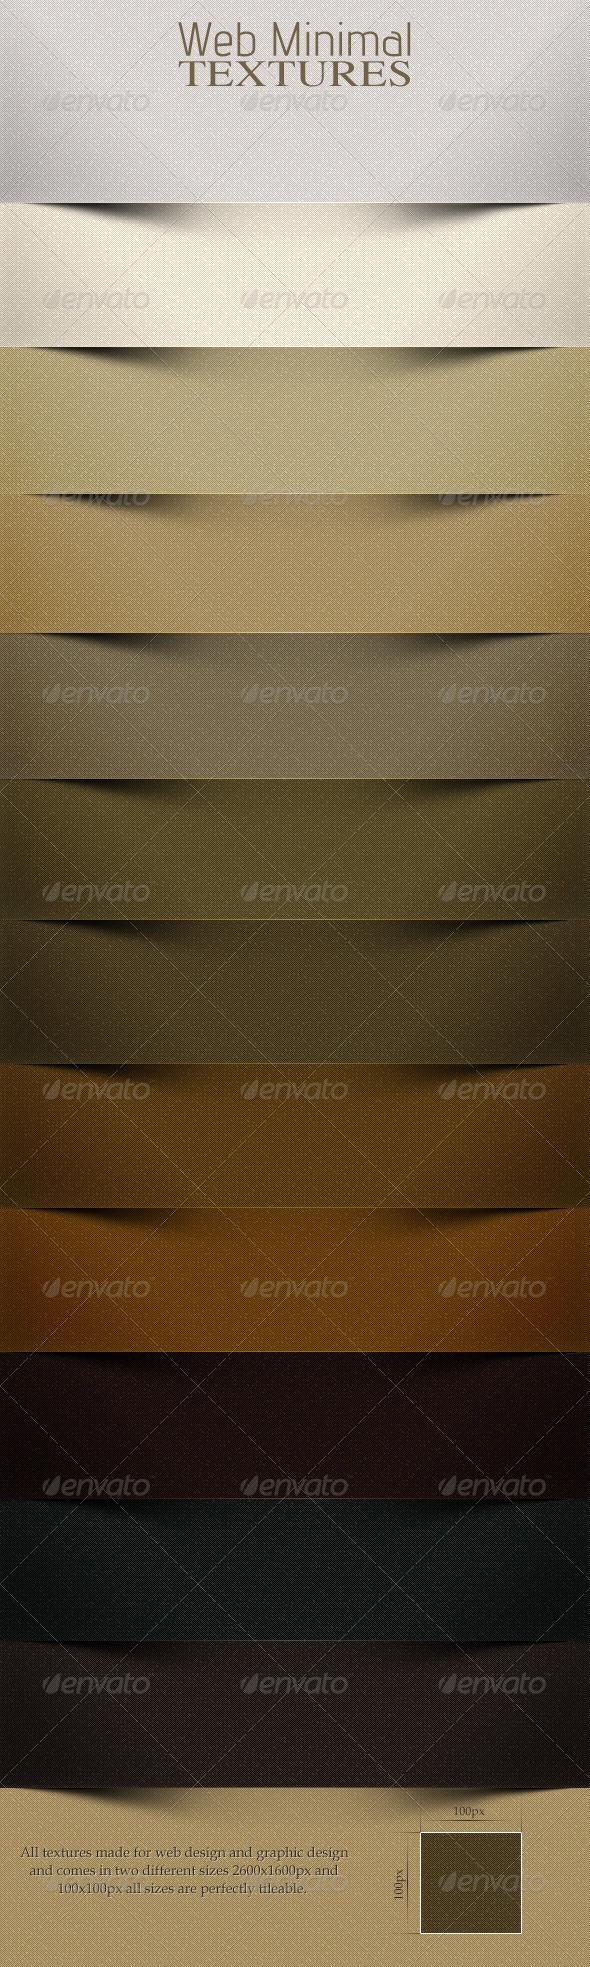 Minimal Textures 3.0 - Paper Textures